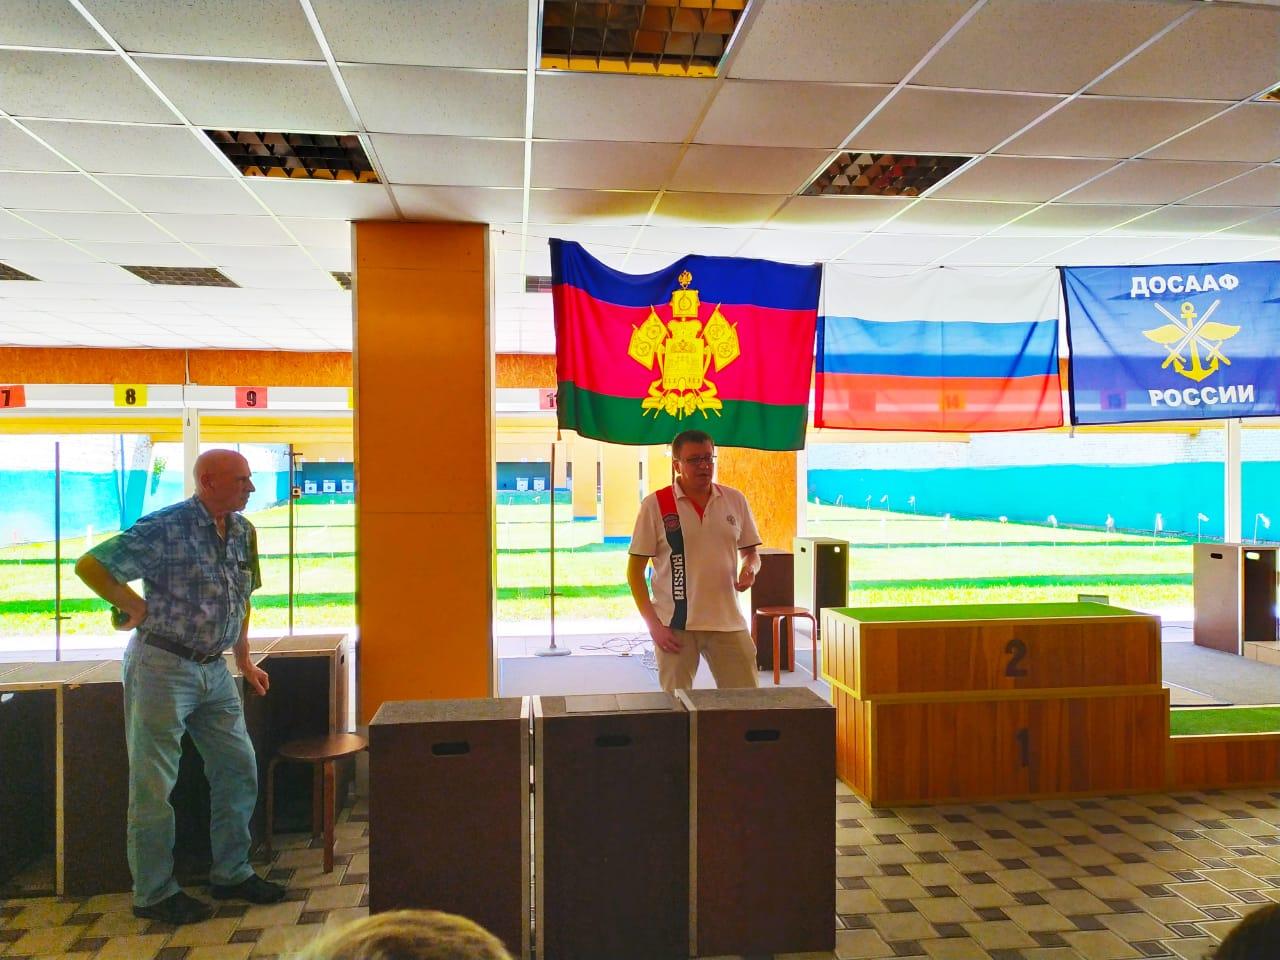 А.А. Строкин в г. Краснодаре принял участие в просмотре Кубка и первенства России по пулевой стрельбе спорта лиц с ПОДА, а также провел встречу с участниками соревнований